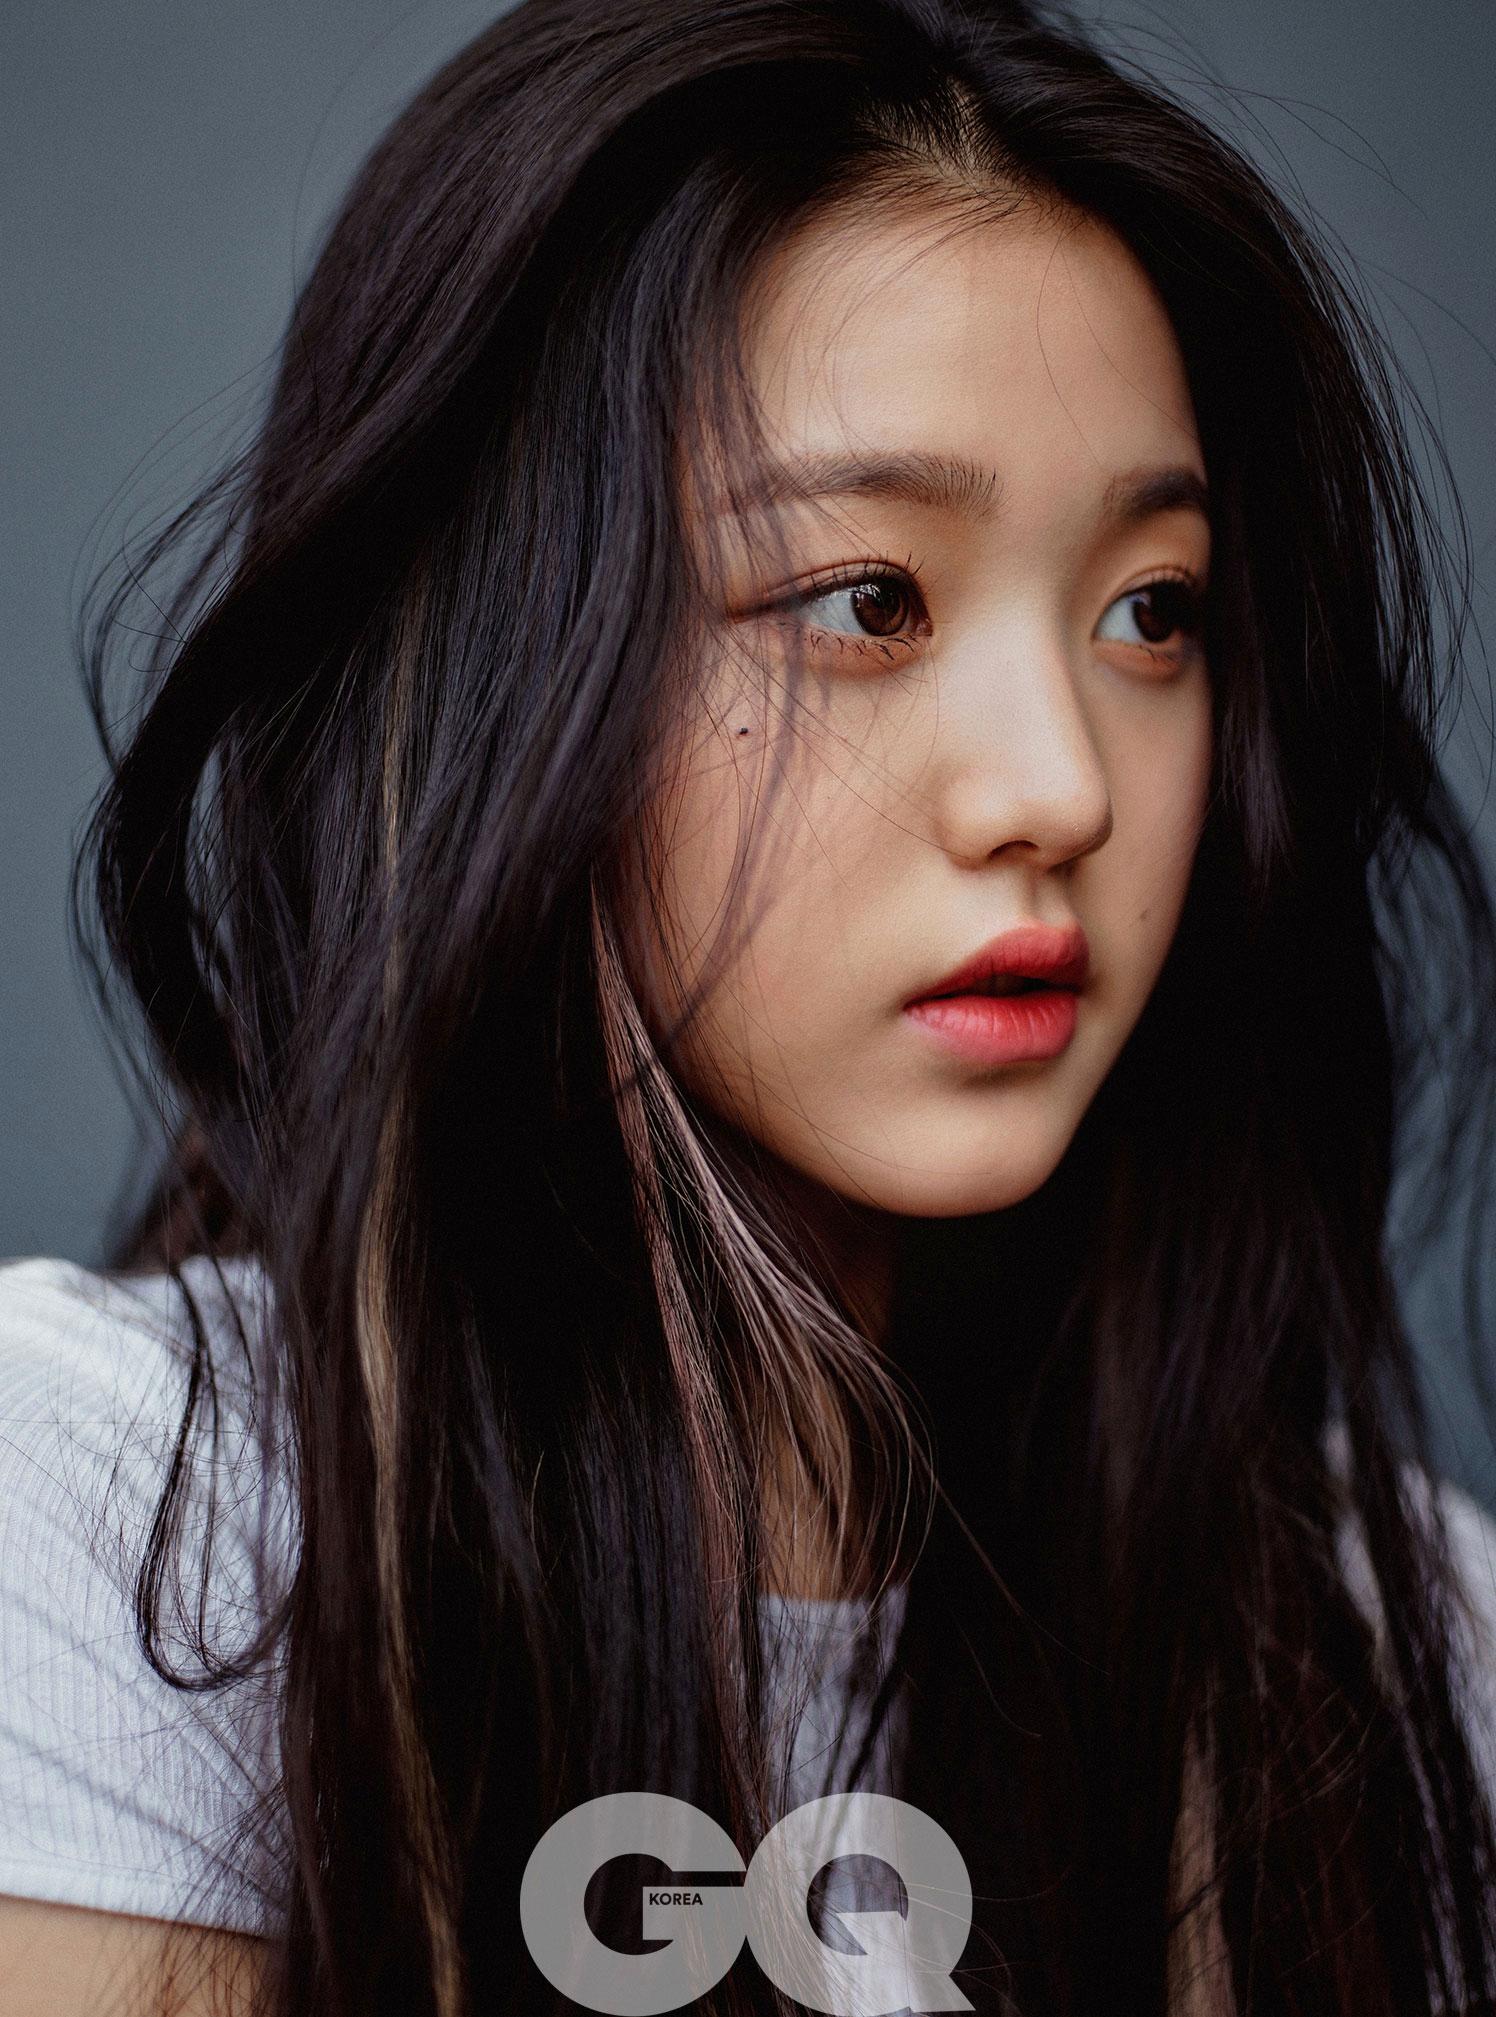 아이즈원 [IZONE] 장원영 GQ 2020 7월호 고화질 화보 4장